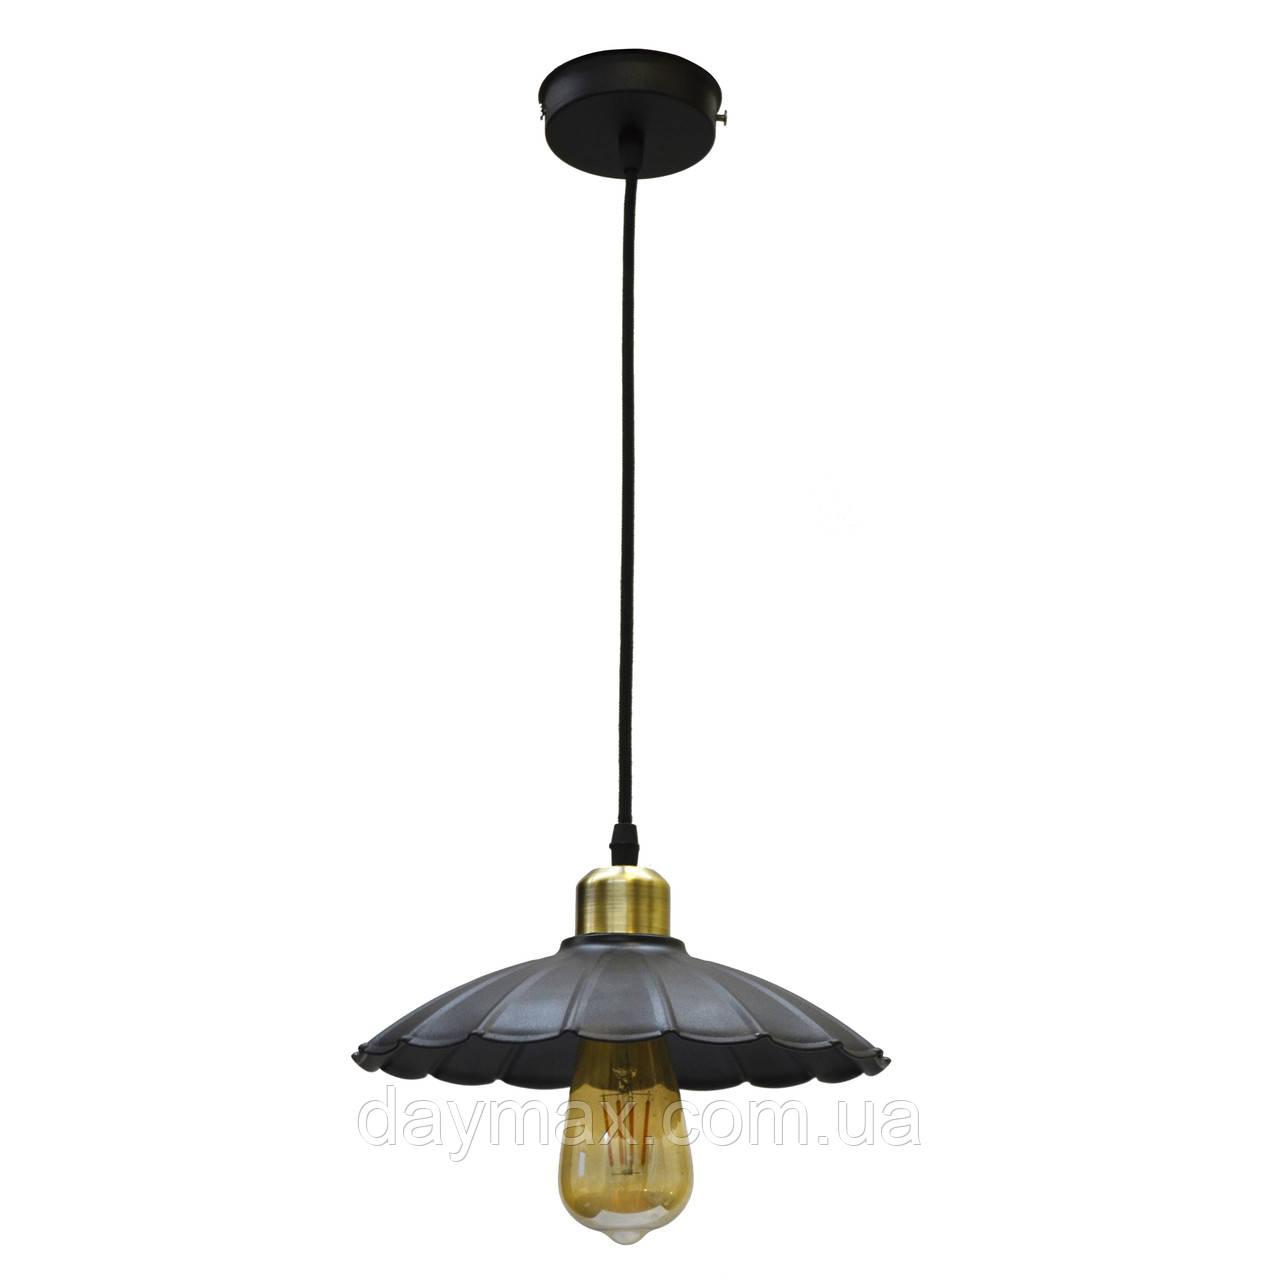 Светильник подвесной в стиле лофт LS 1078